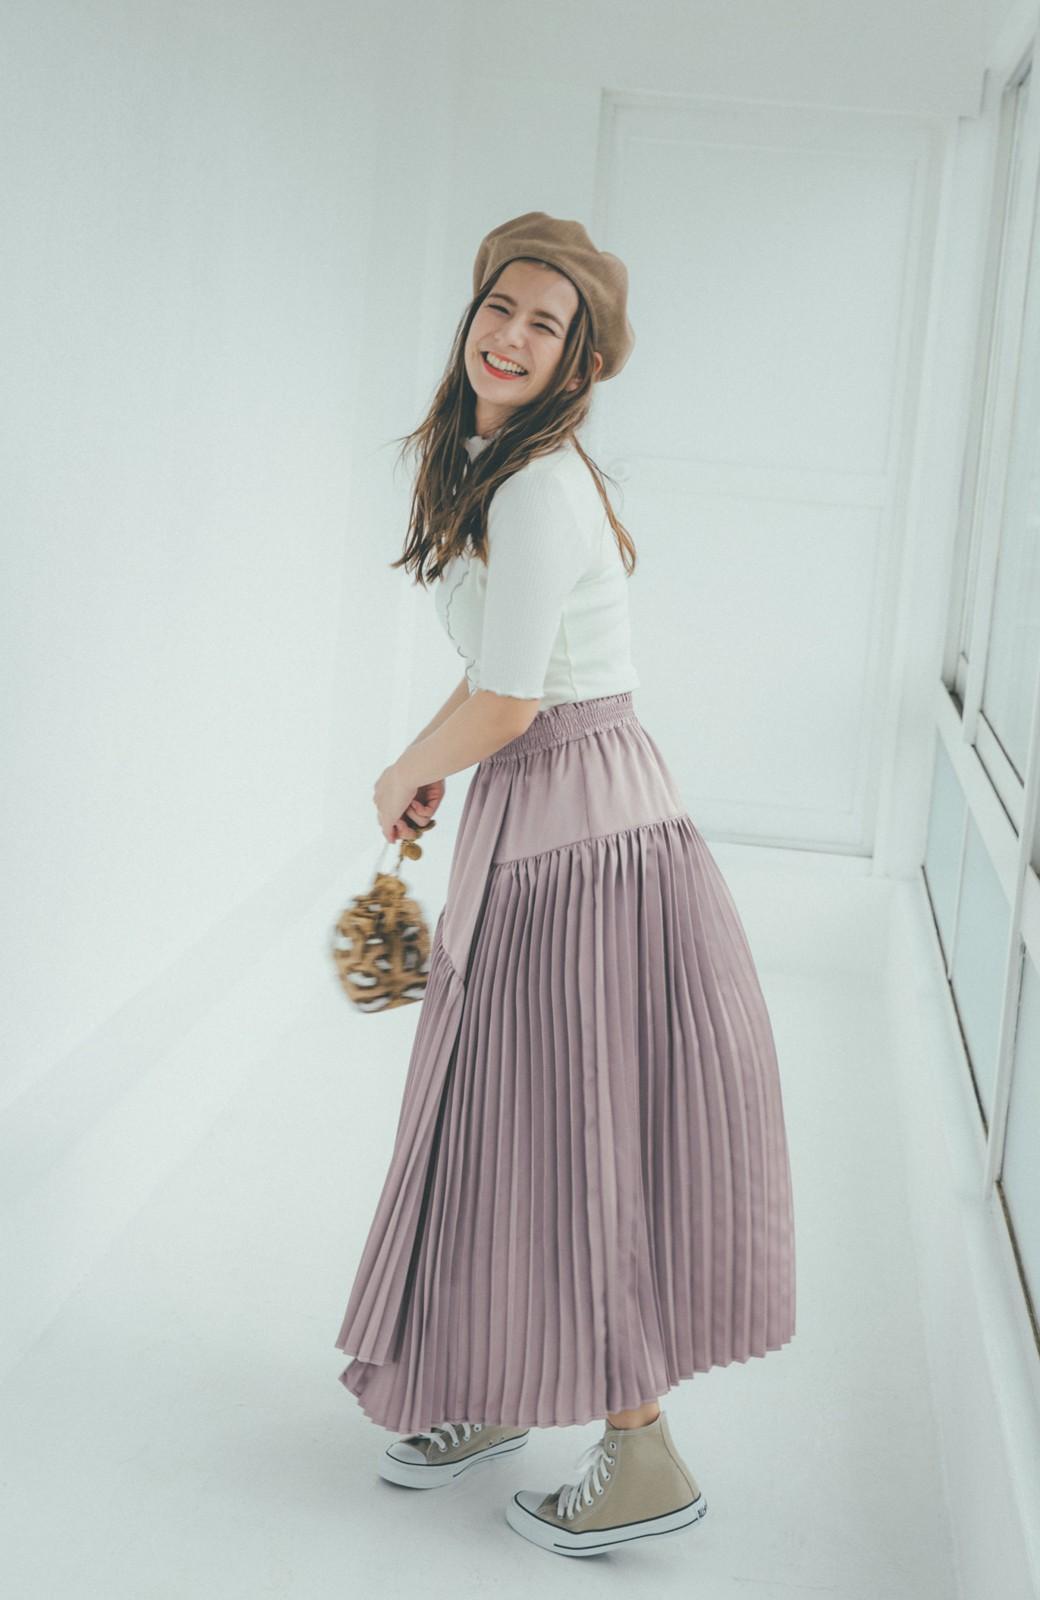 haco! 【スザンヌさんコラボ】スウェットもTシャツも着映えさせる!ラップデザイン風アシンメトリーサテンプリーツスカート by LOVE&PEACE PROJECT <スモークピンク>の商品写真12